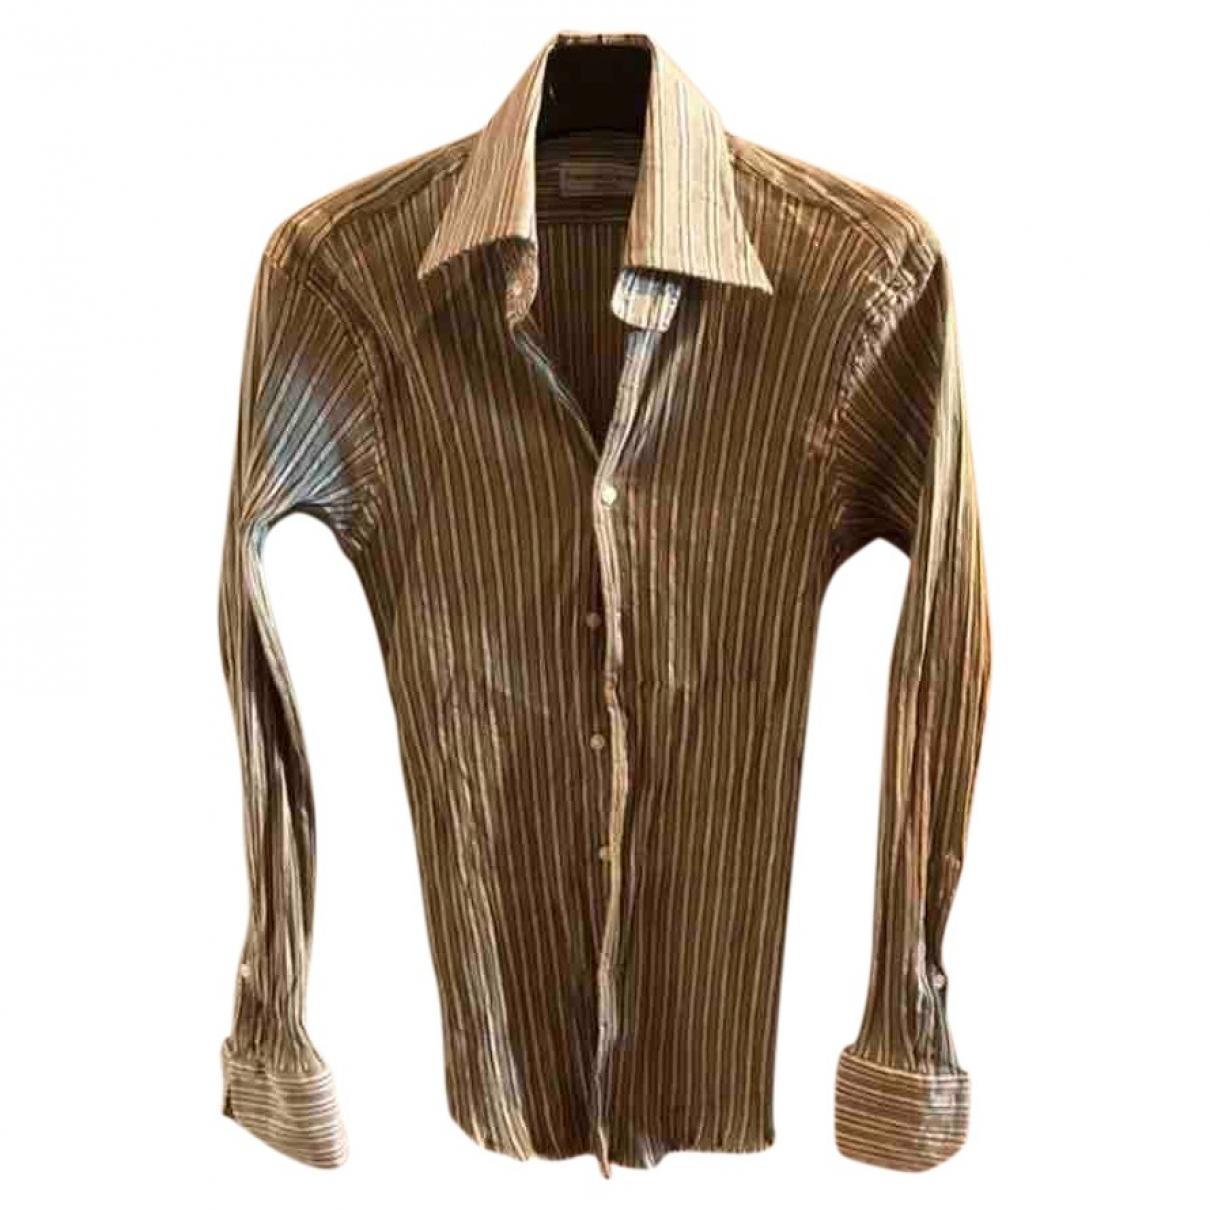 Francesco Smalto \N Hemden in  Gruen Baumwolle